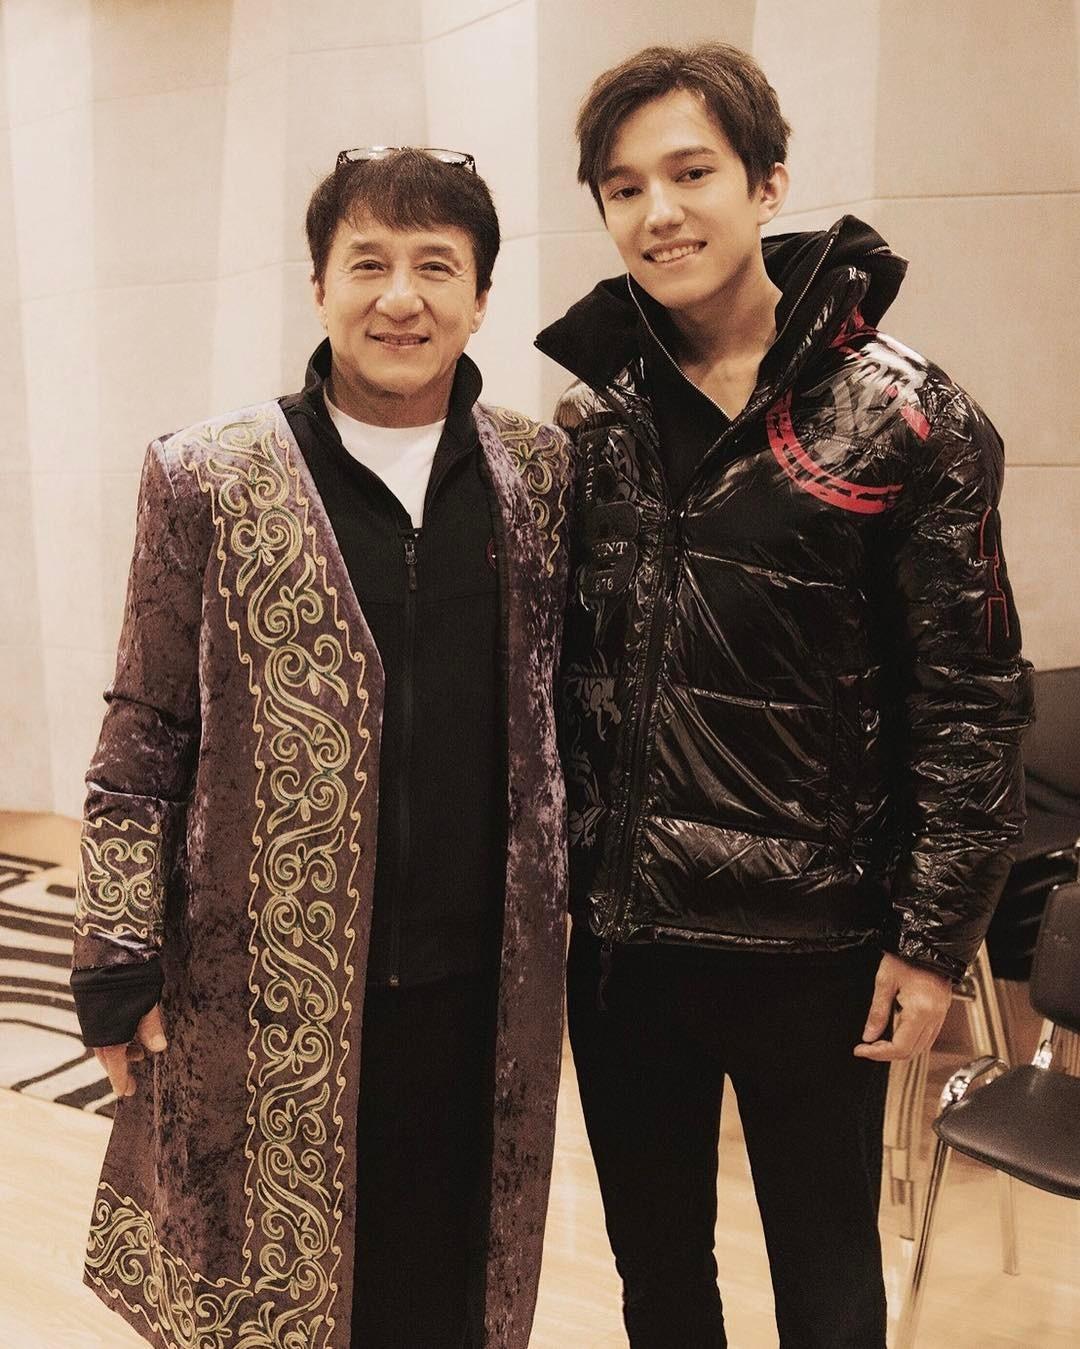 Джеки Чан сфотографировался с певцом в казахском национальном костюме